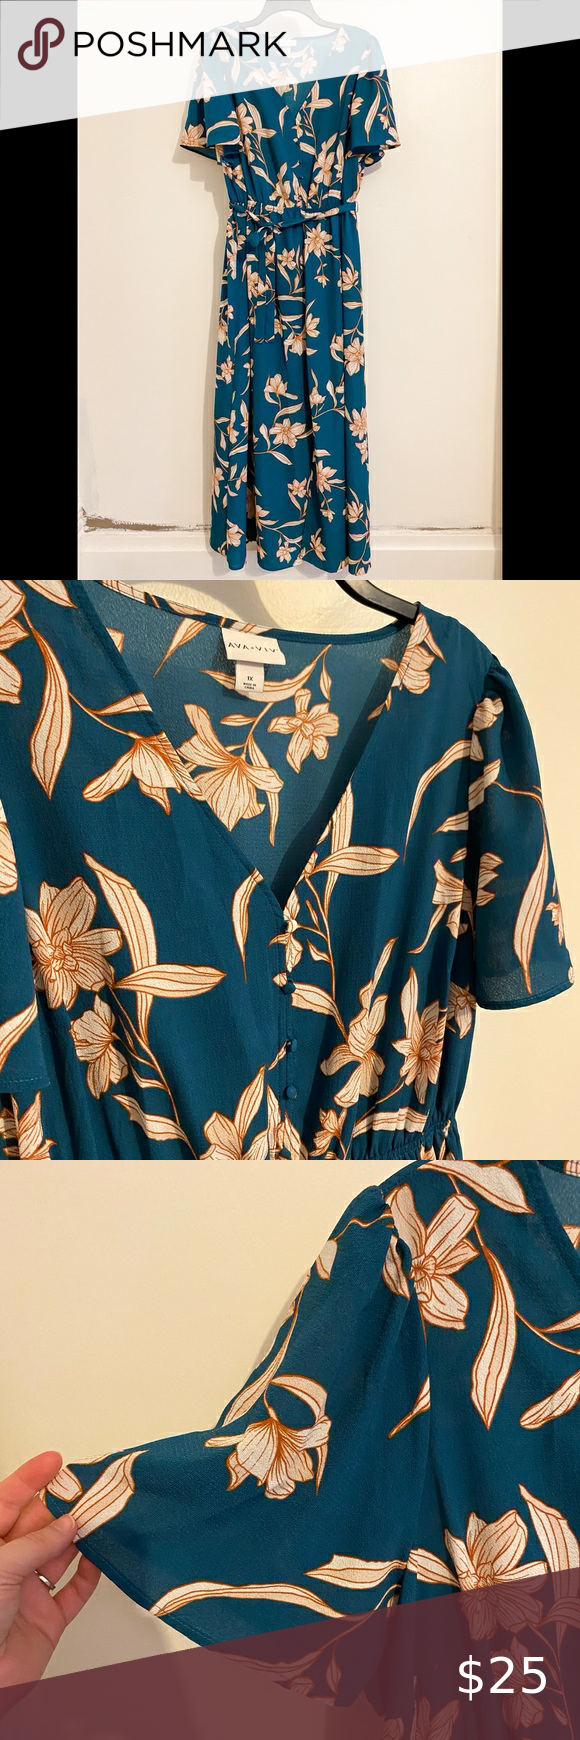 Target Ava Viv Blue Floral Dress Floral Blue Dress Floral Dress Ava Viv [ 1740 x 580 Pixel ]